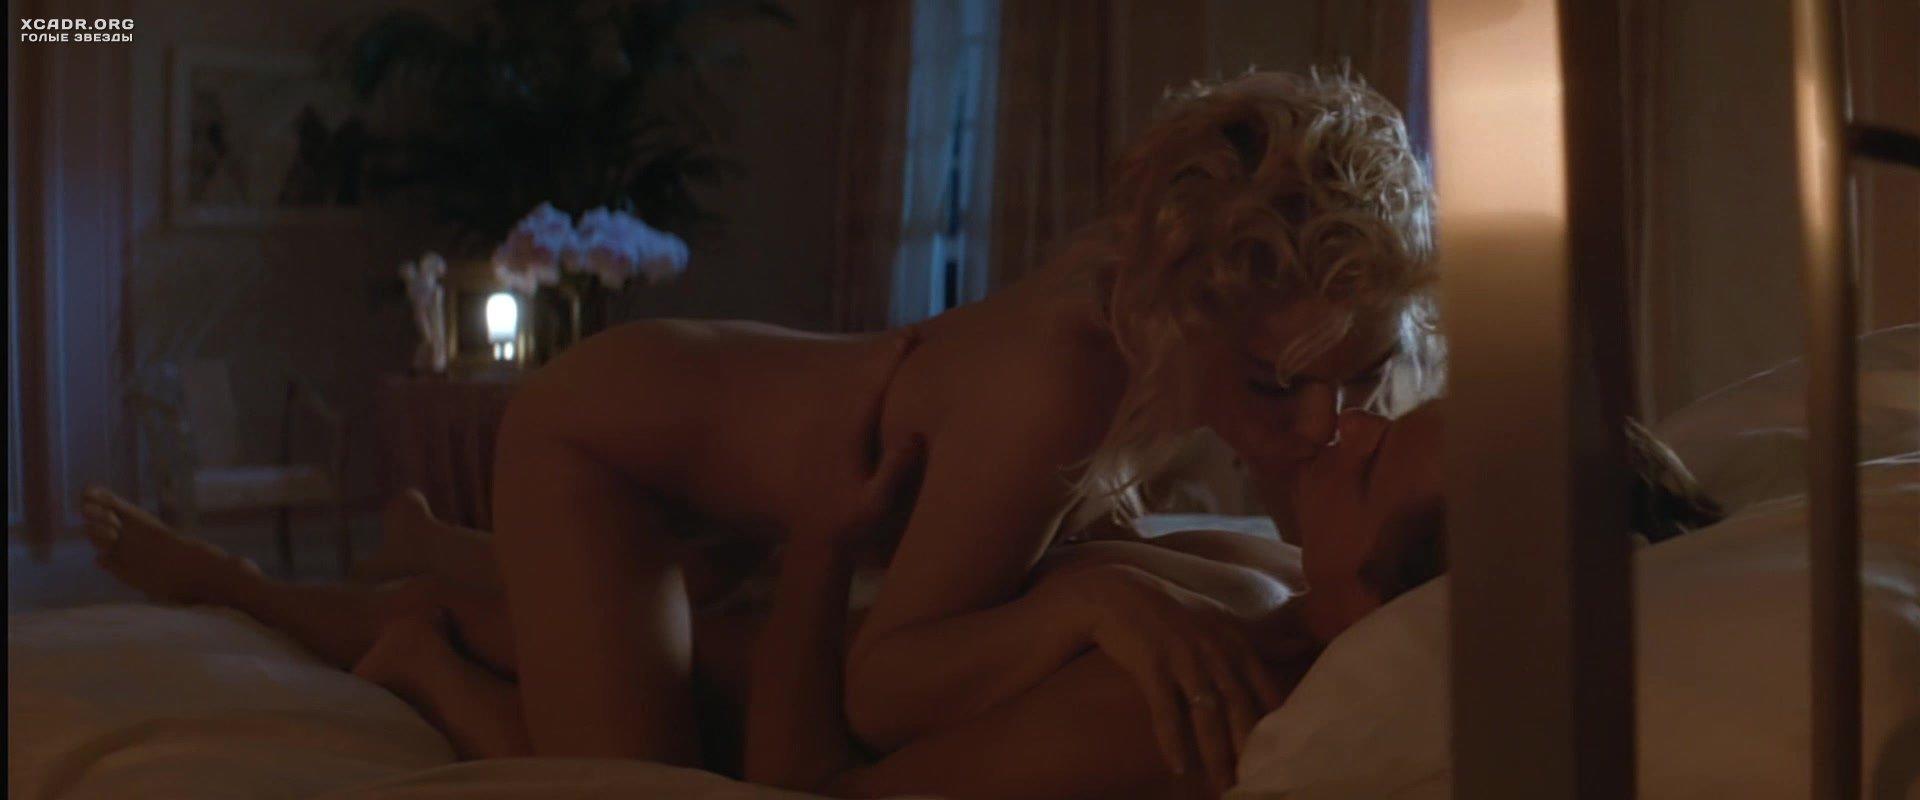 Сцены минета из фильма основной инстинкт фото 643-447